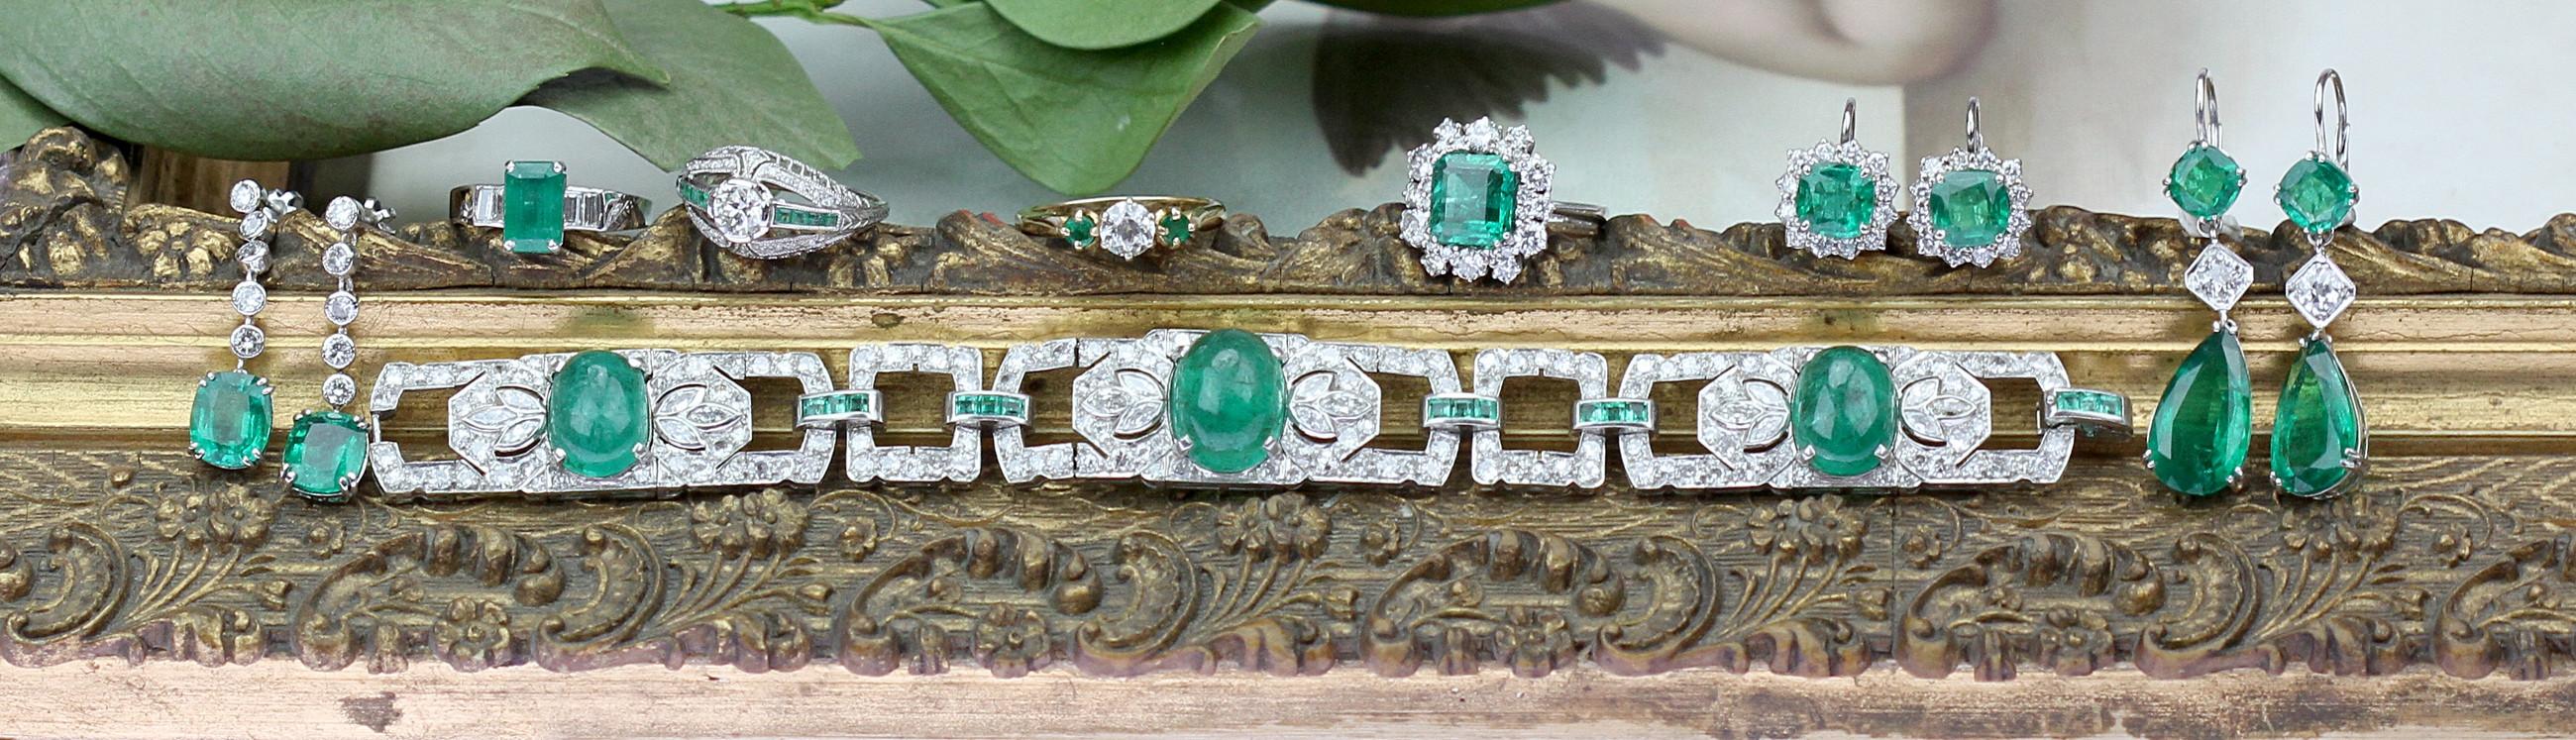 Nehynoucí krása smaragdů